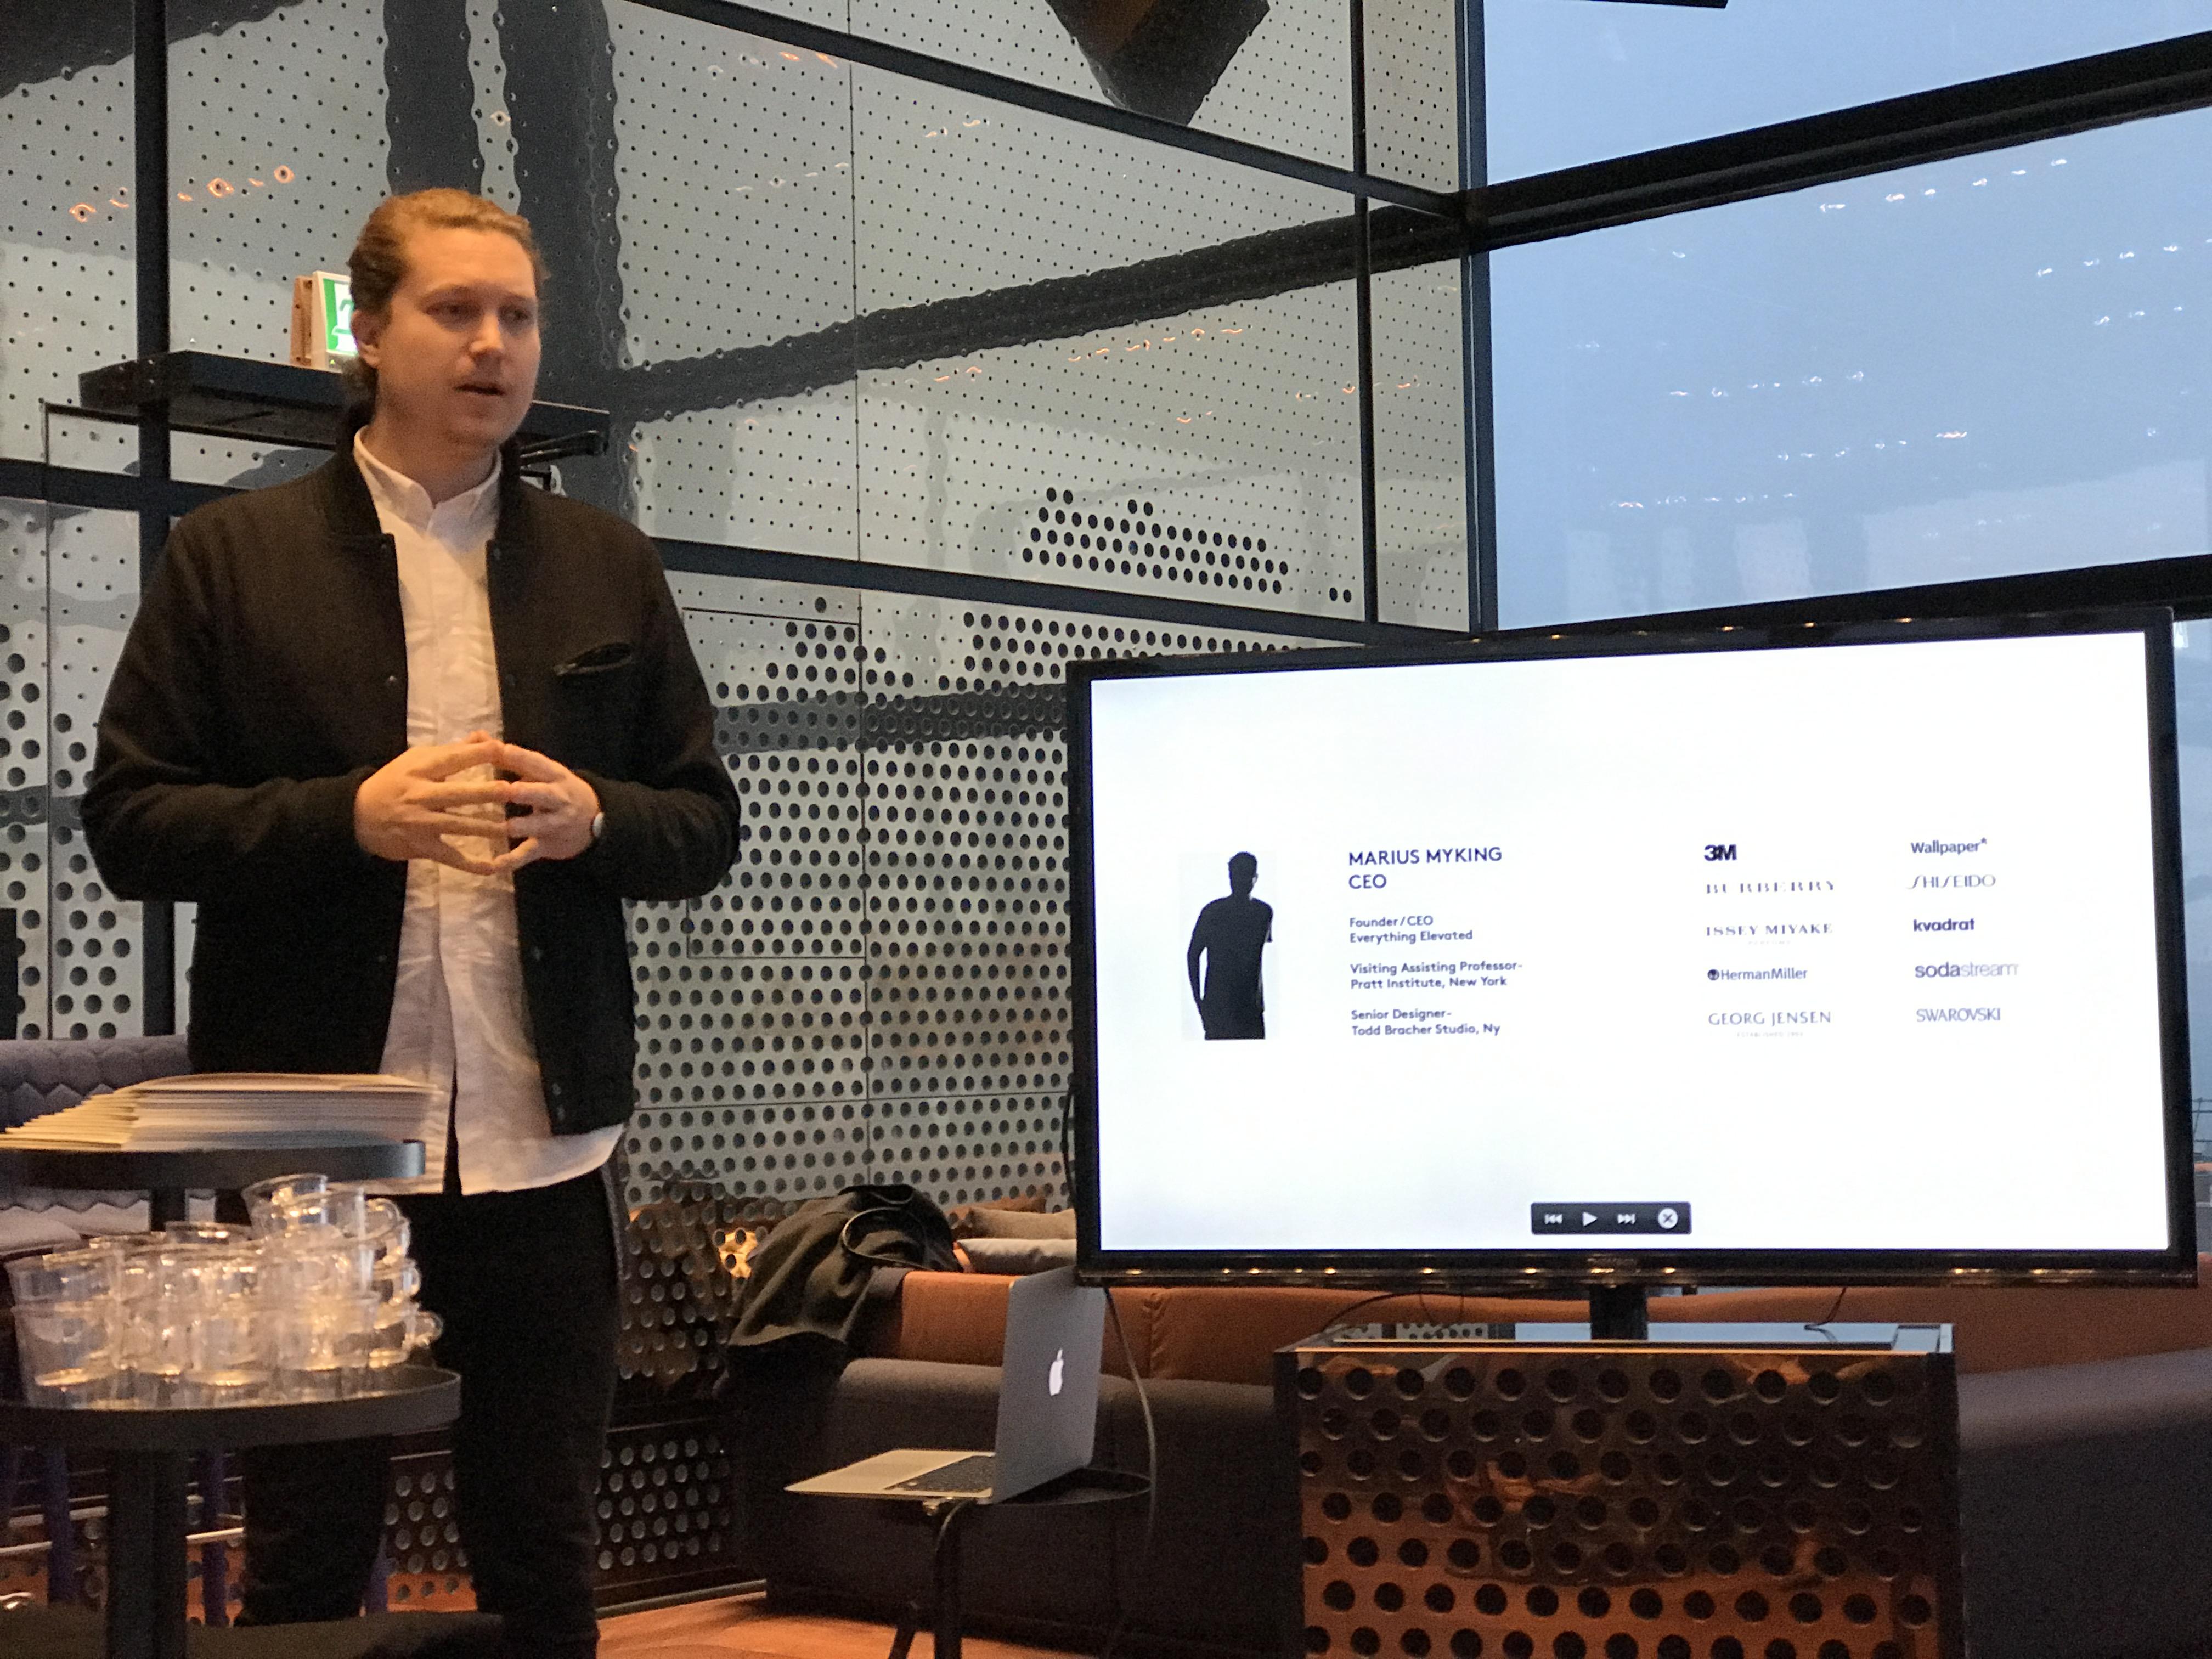 Marius Myking er CEO for designselskapet Everything Elevevated og var hentet inn for å snakke hva godt design er.